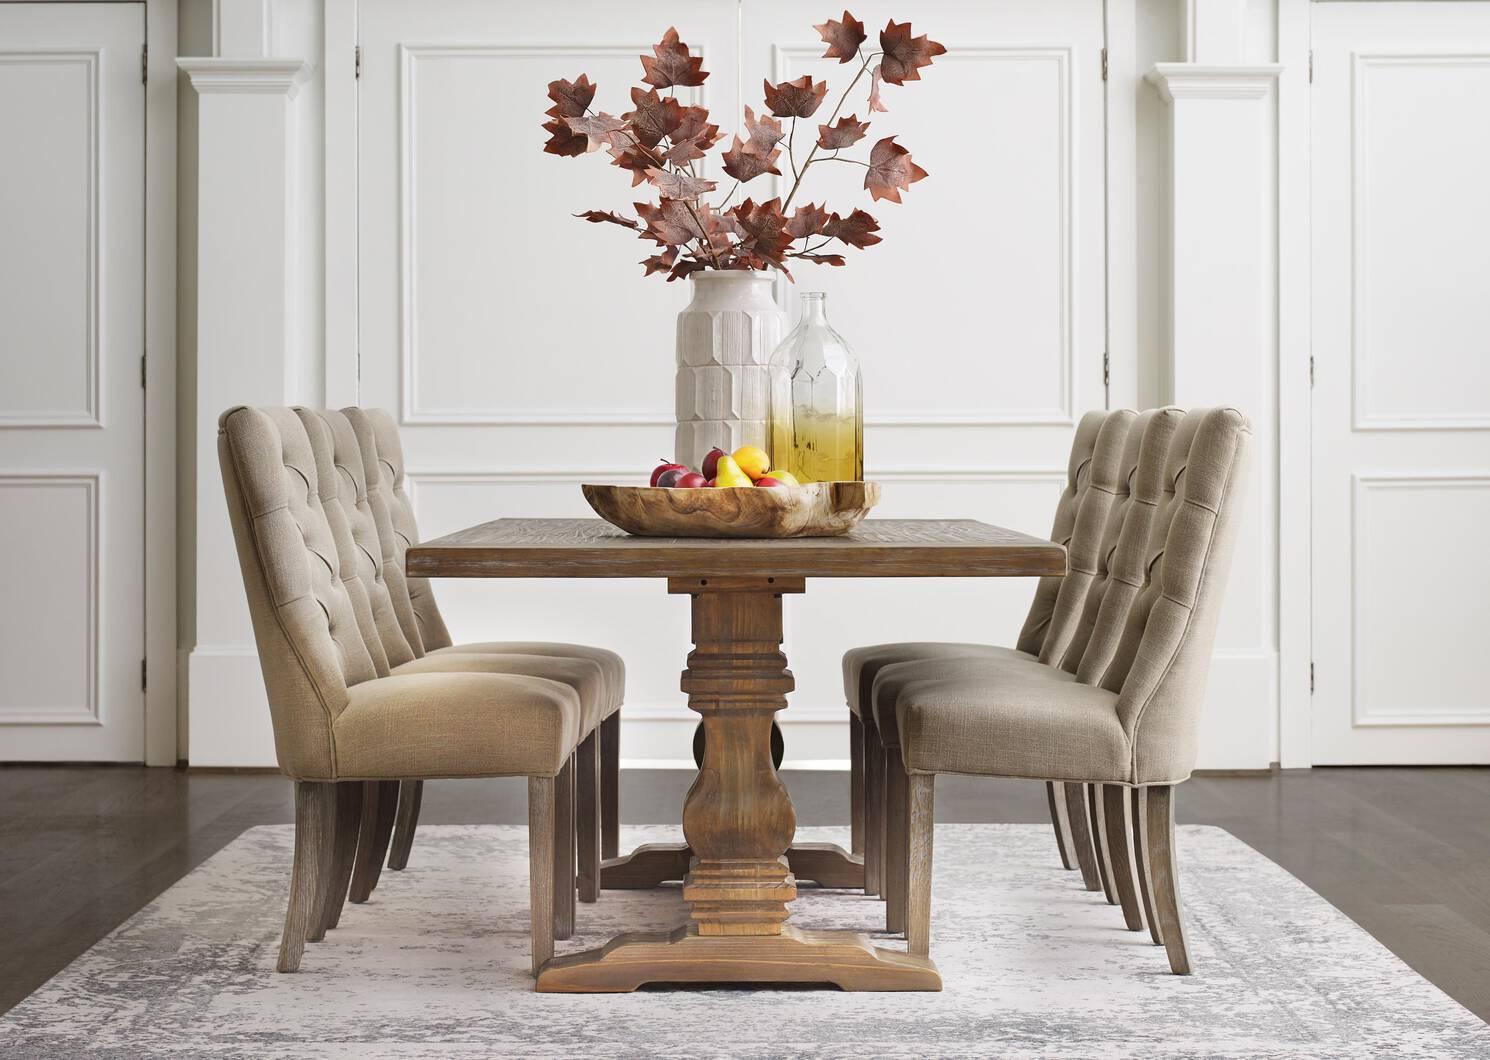 Oakwood Dining Chair -Nantucket Linen